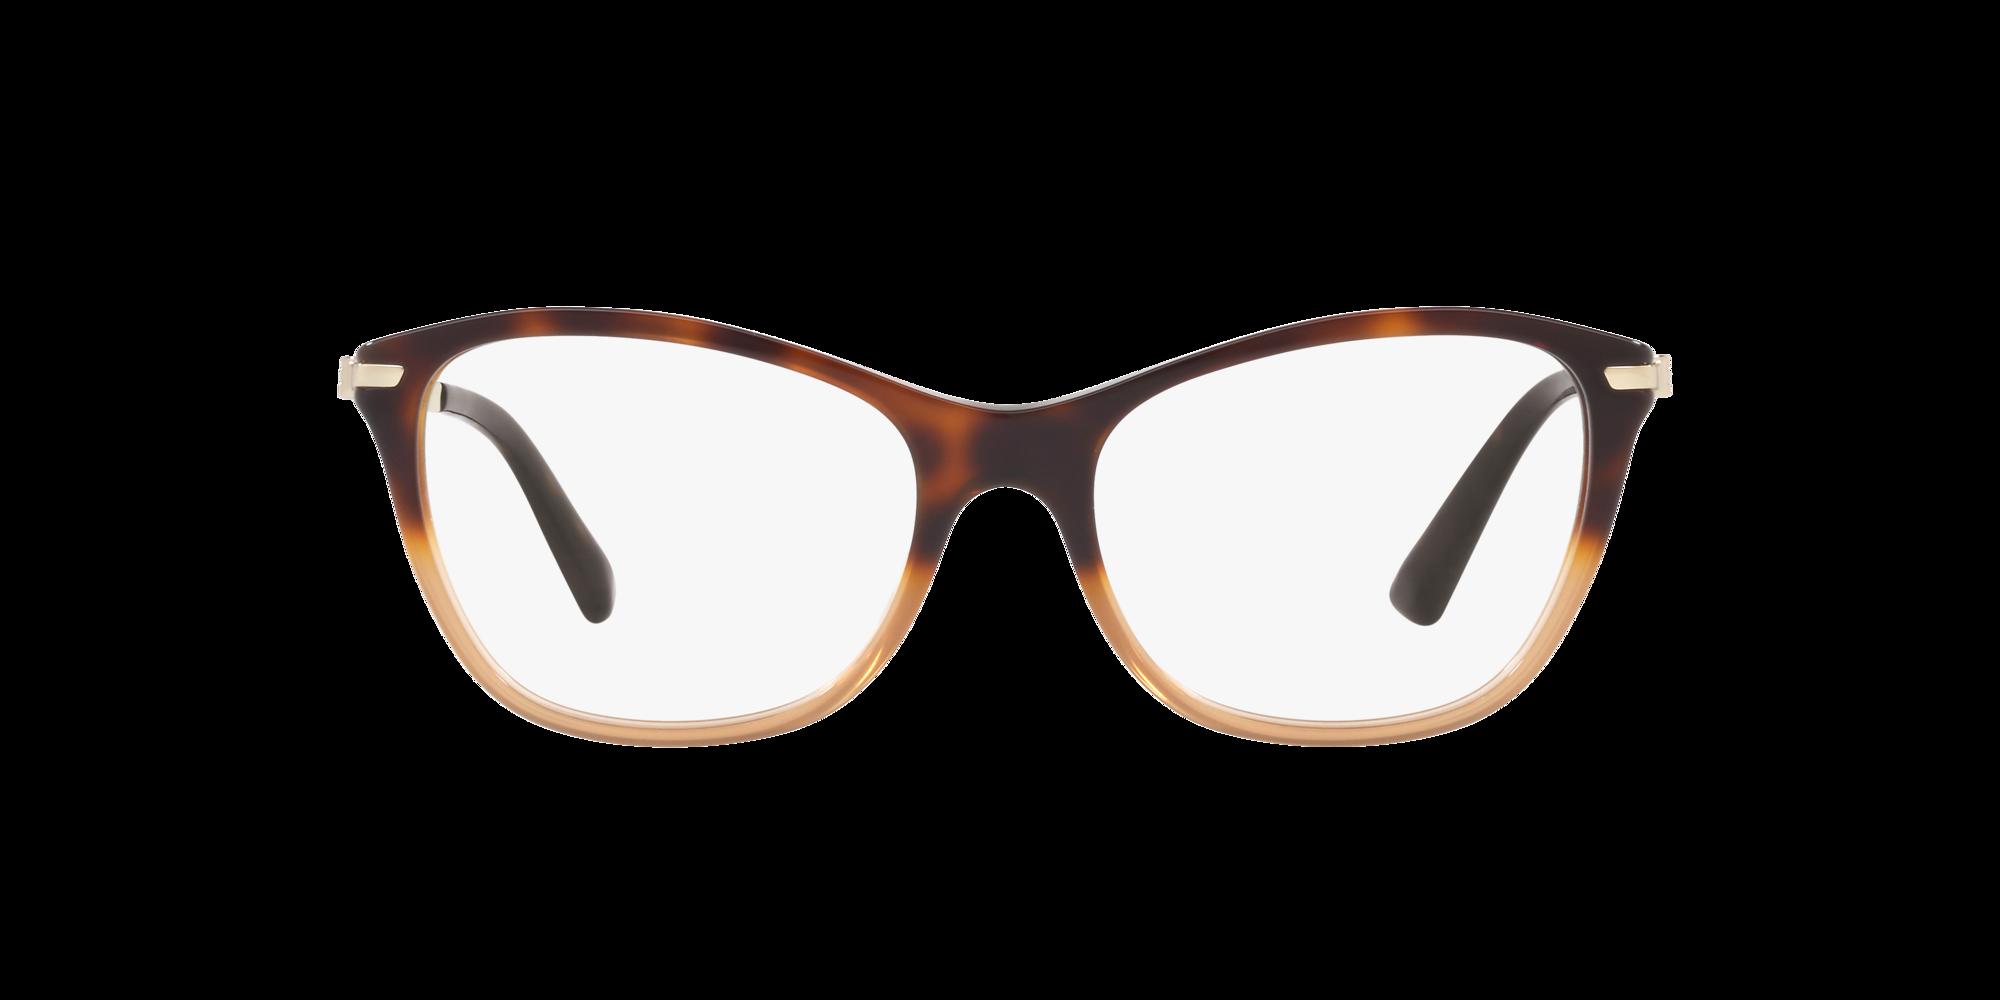 Imagen para BV4147 de LensCrafters |  Espejuelos, espejuelos graduados en línea, gafas